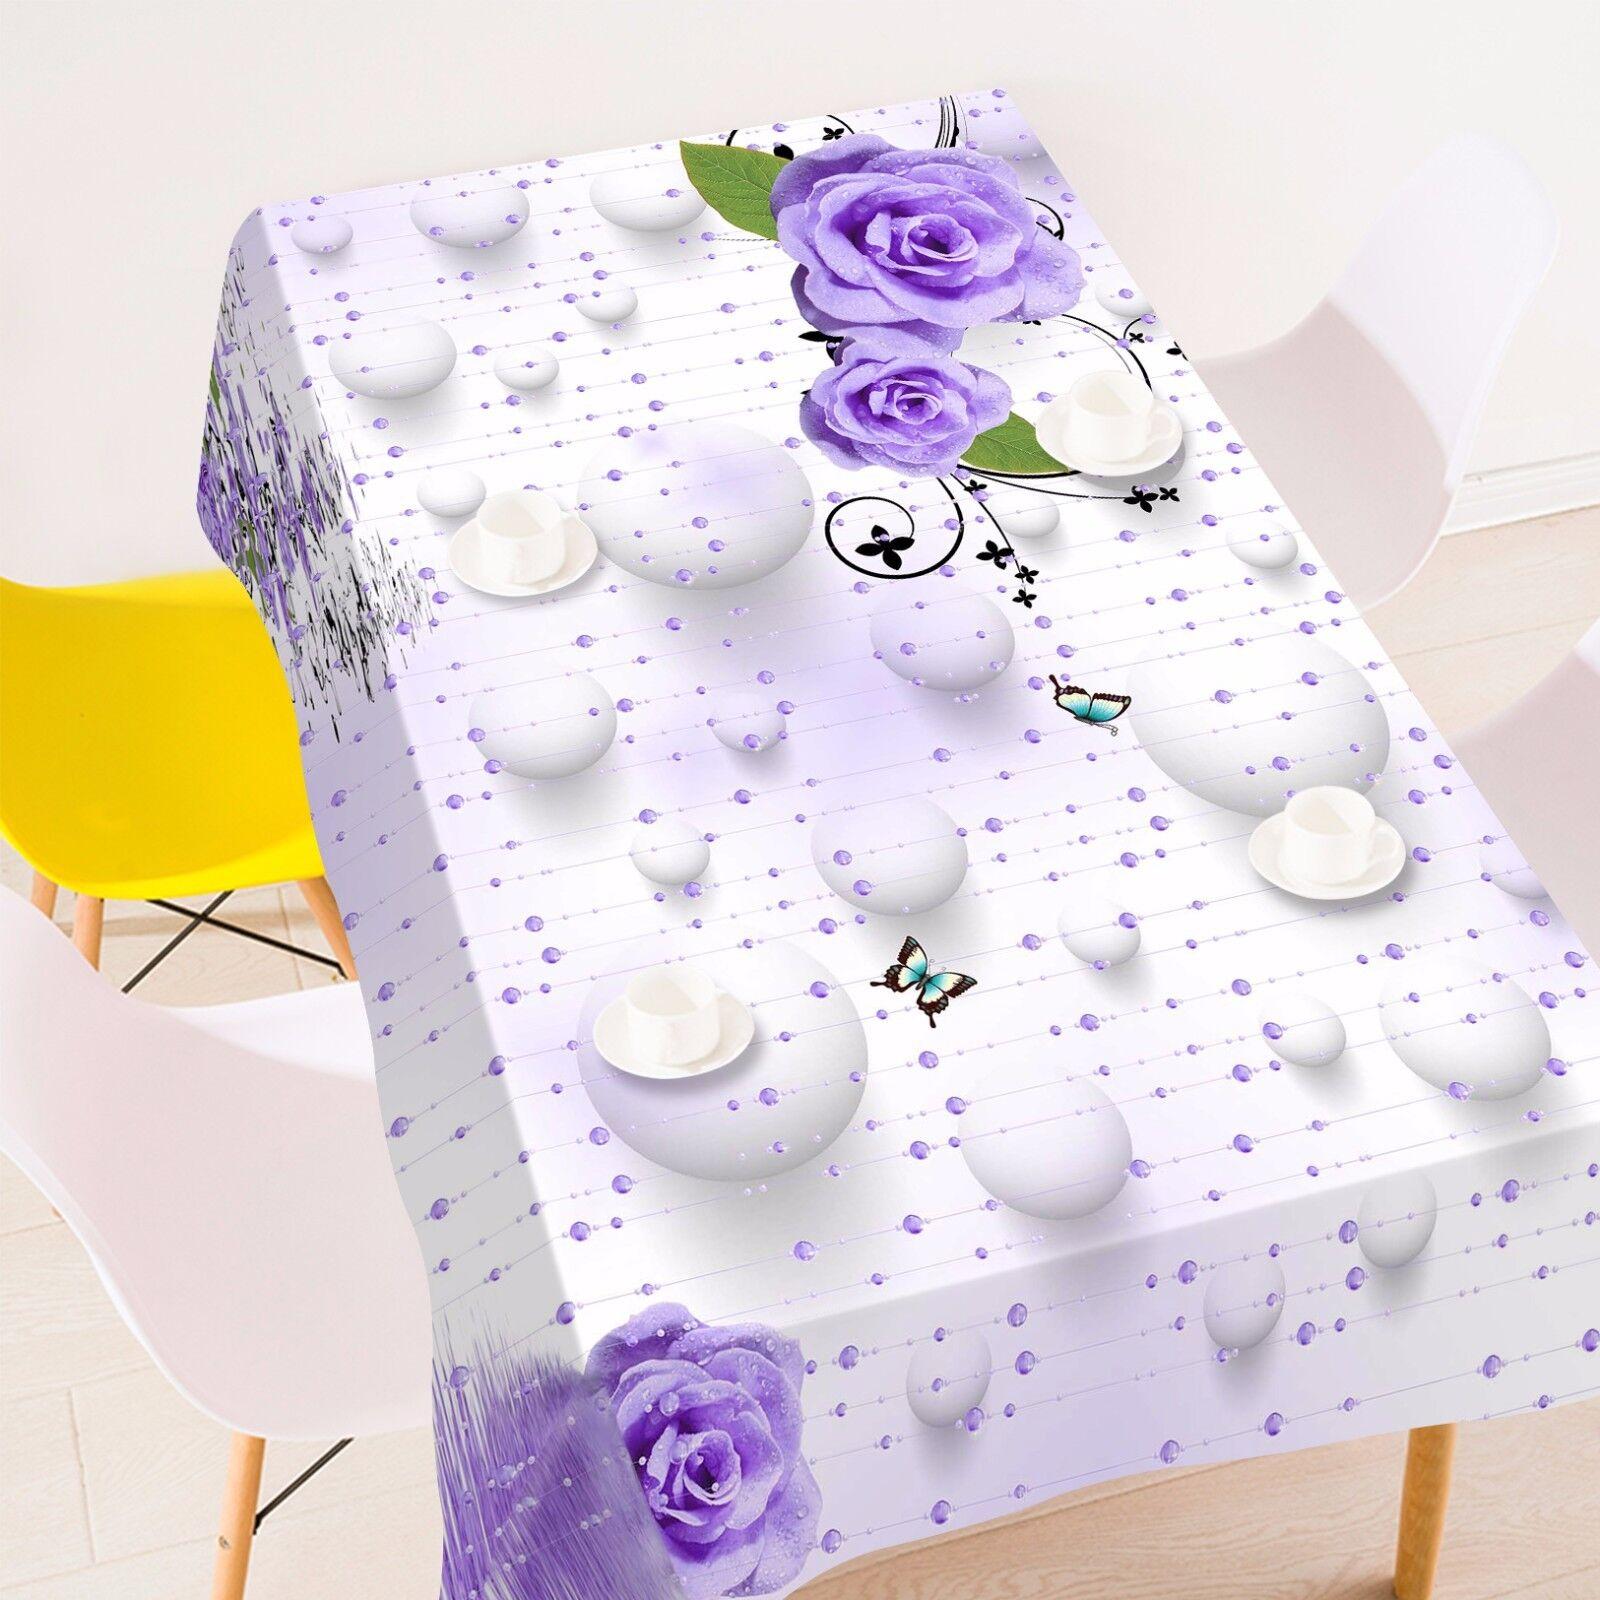 Violet 3D 48 Nappe Table Cover Cloth fête d'anniversaire AJ papier peint Royaume-Uni Citron